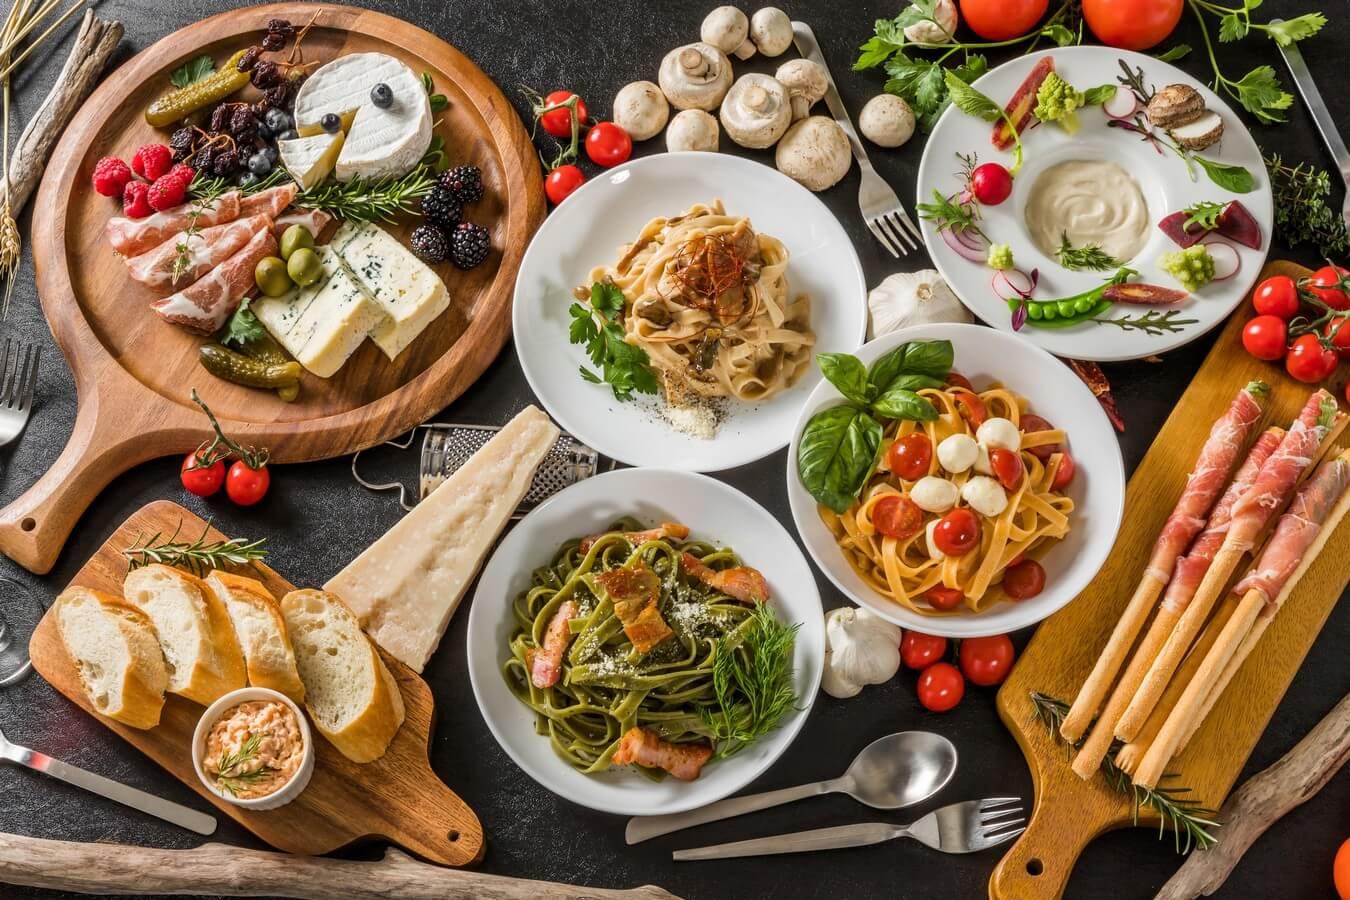 Mantarlı ve domatesli Fransız eti - Fransız lezzetlerine Rus cevabı 2